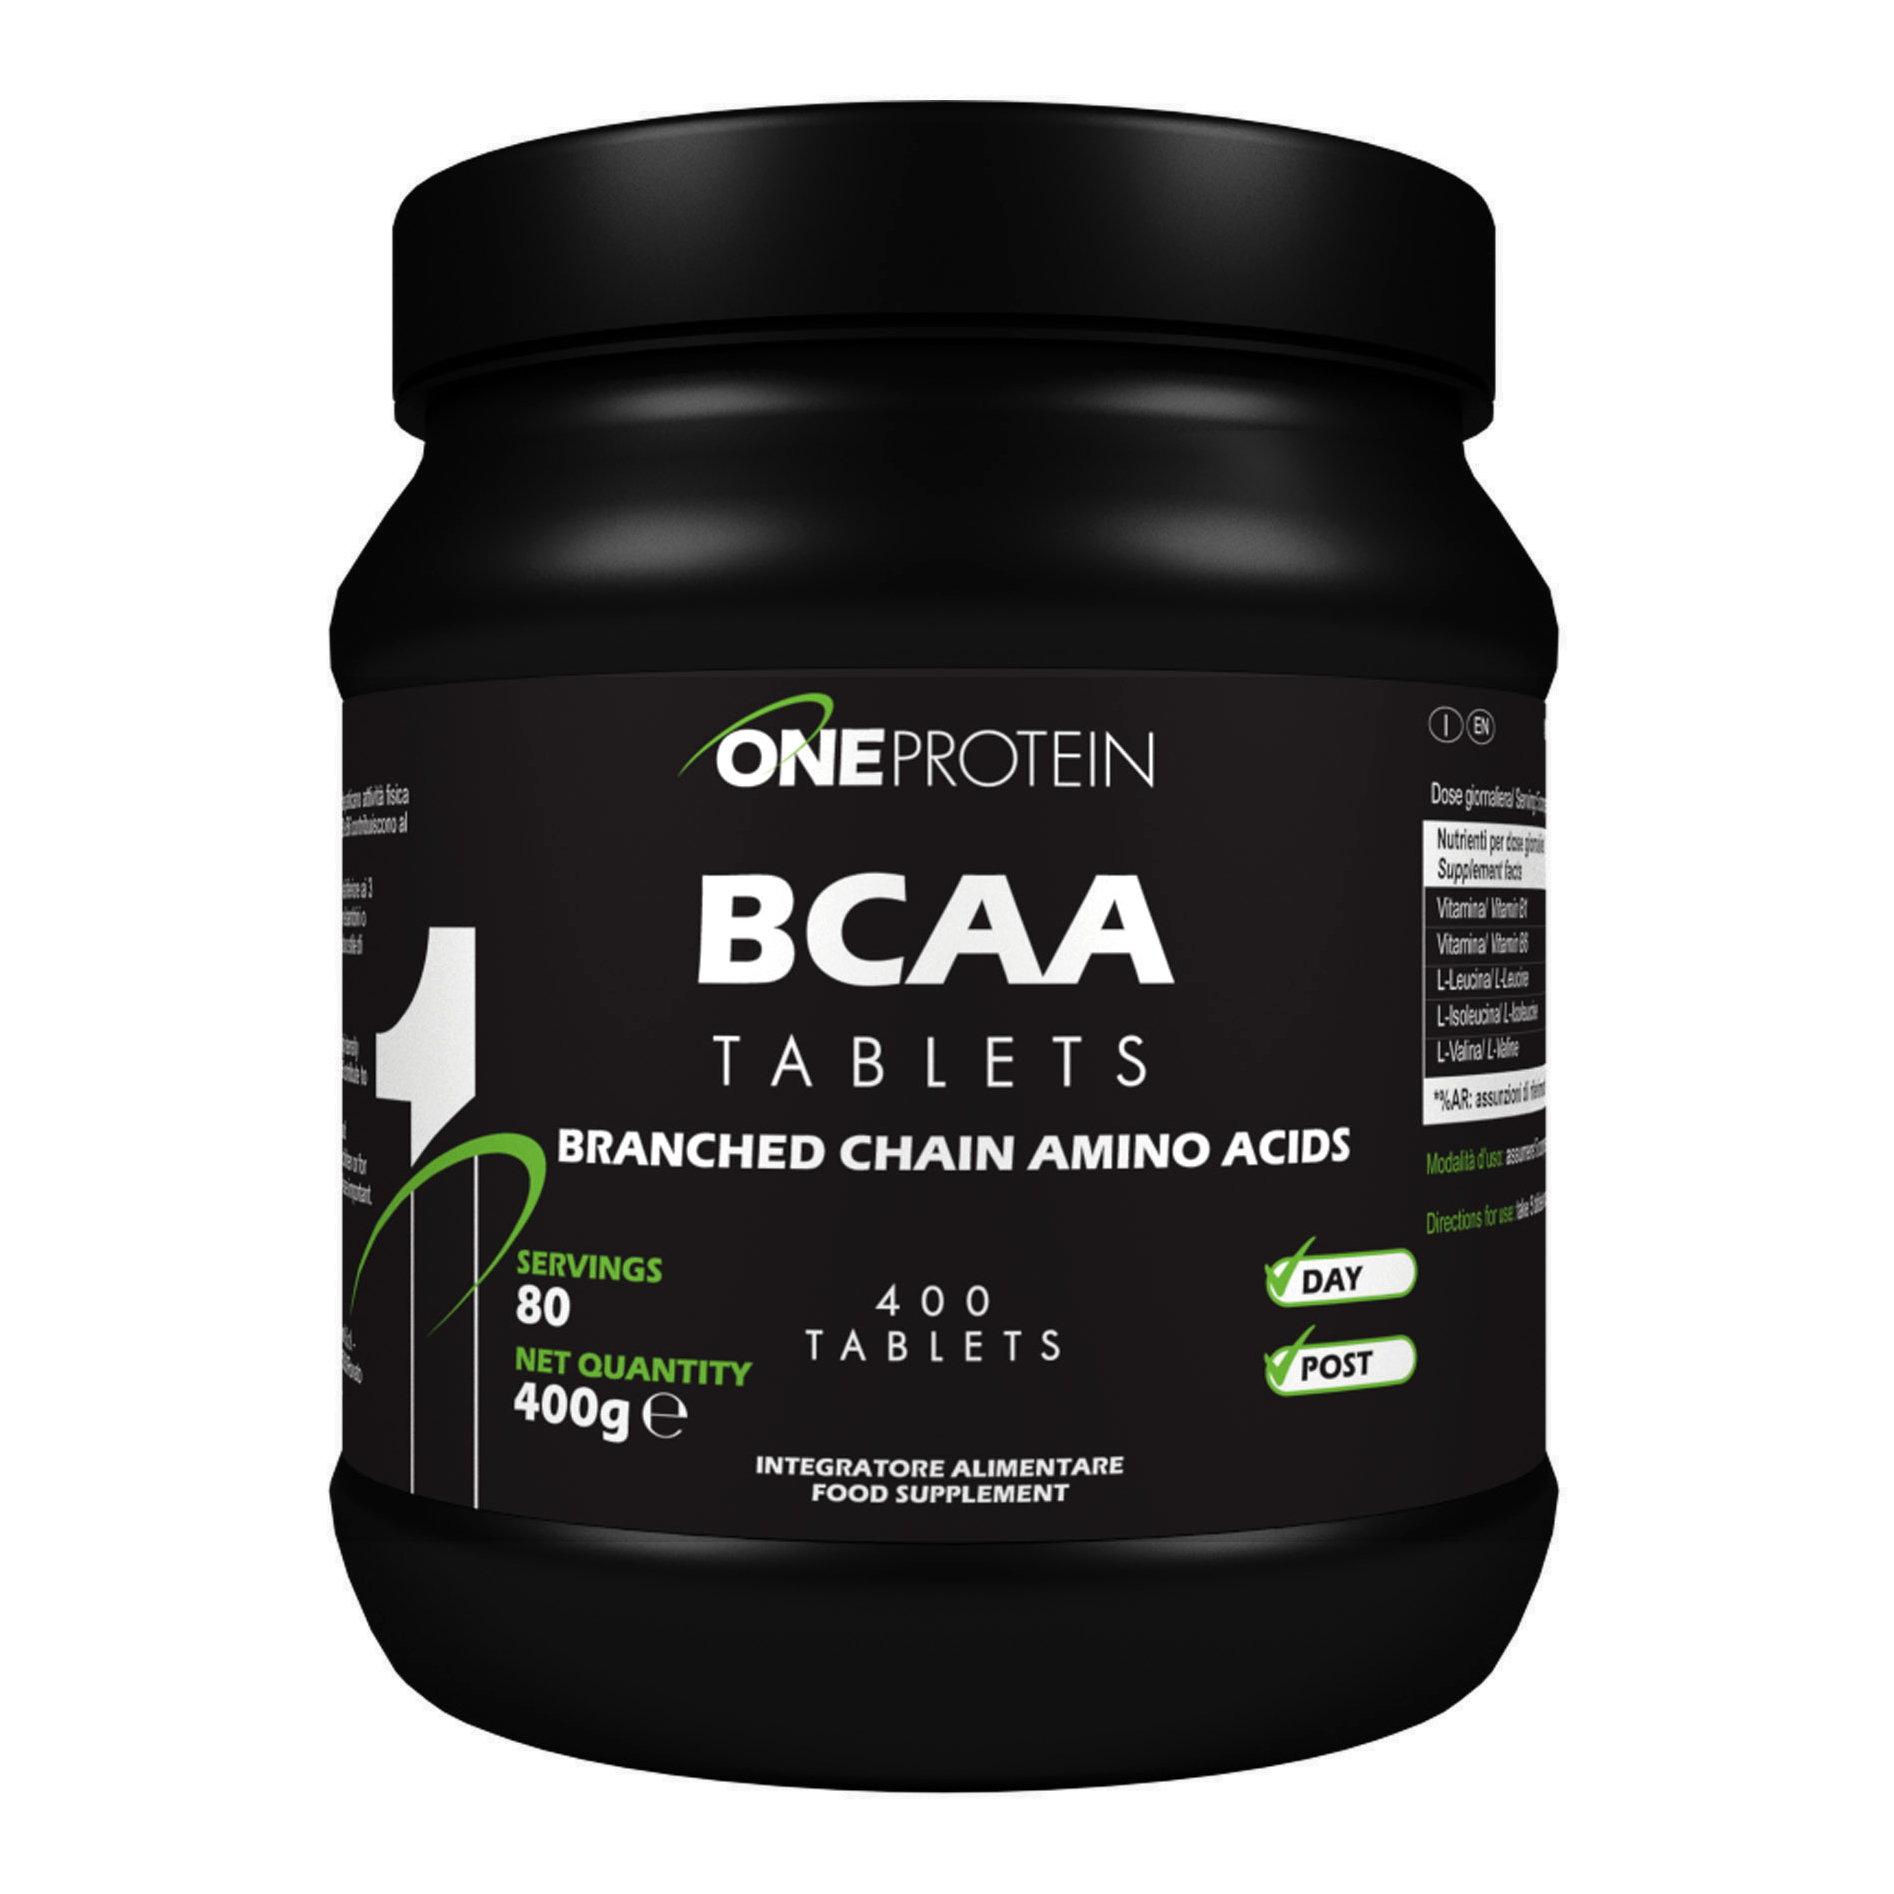 BCAA 2.1.1 OneProtein